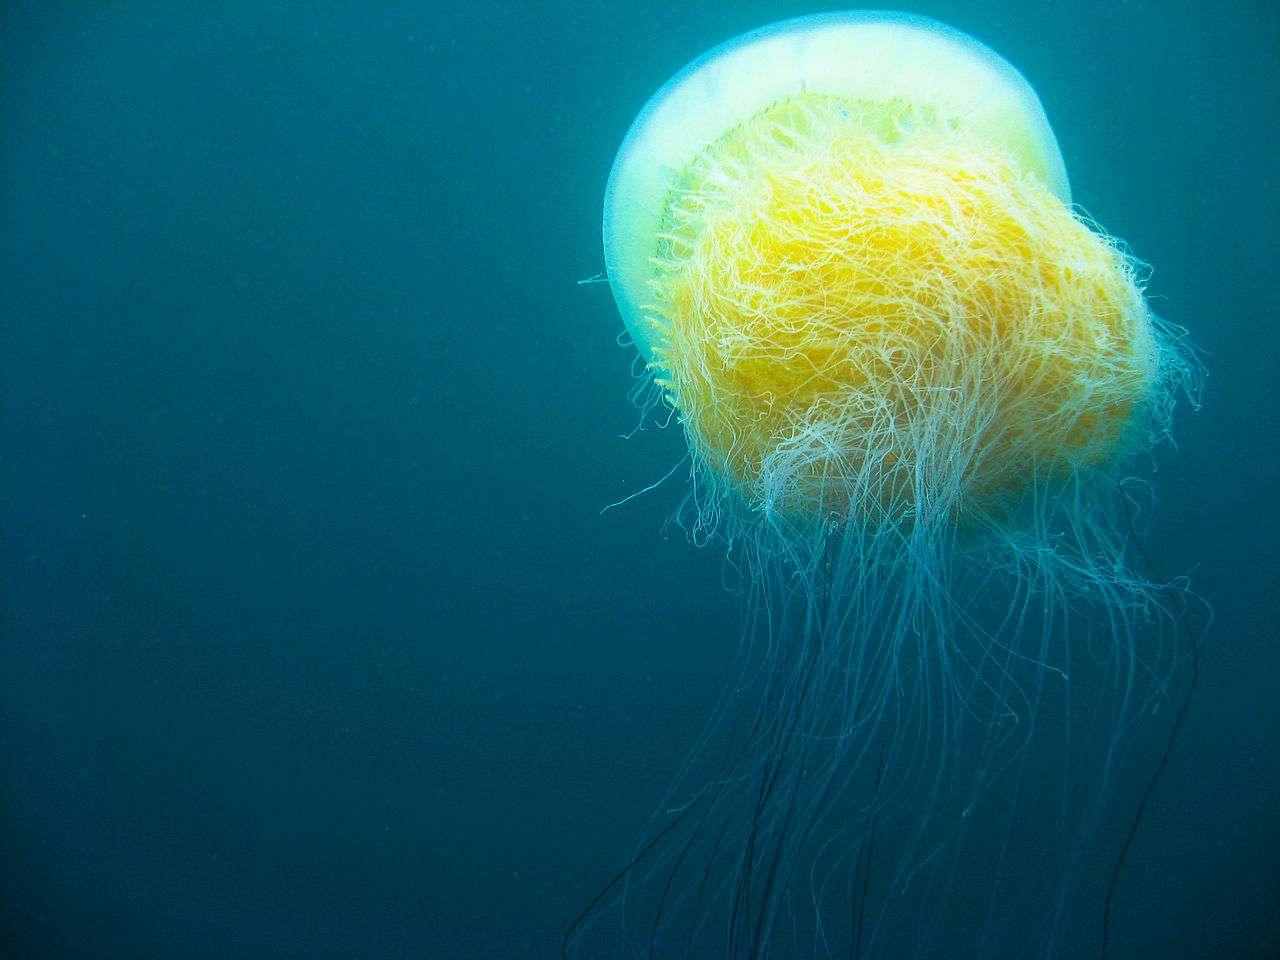 Medusa di Nomura: la più grande del mondo. Foto di Janne Hellsten